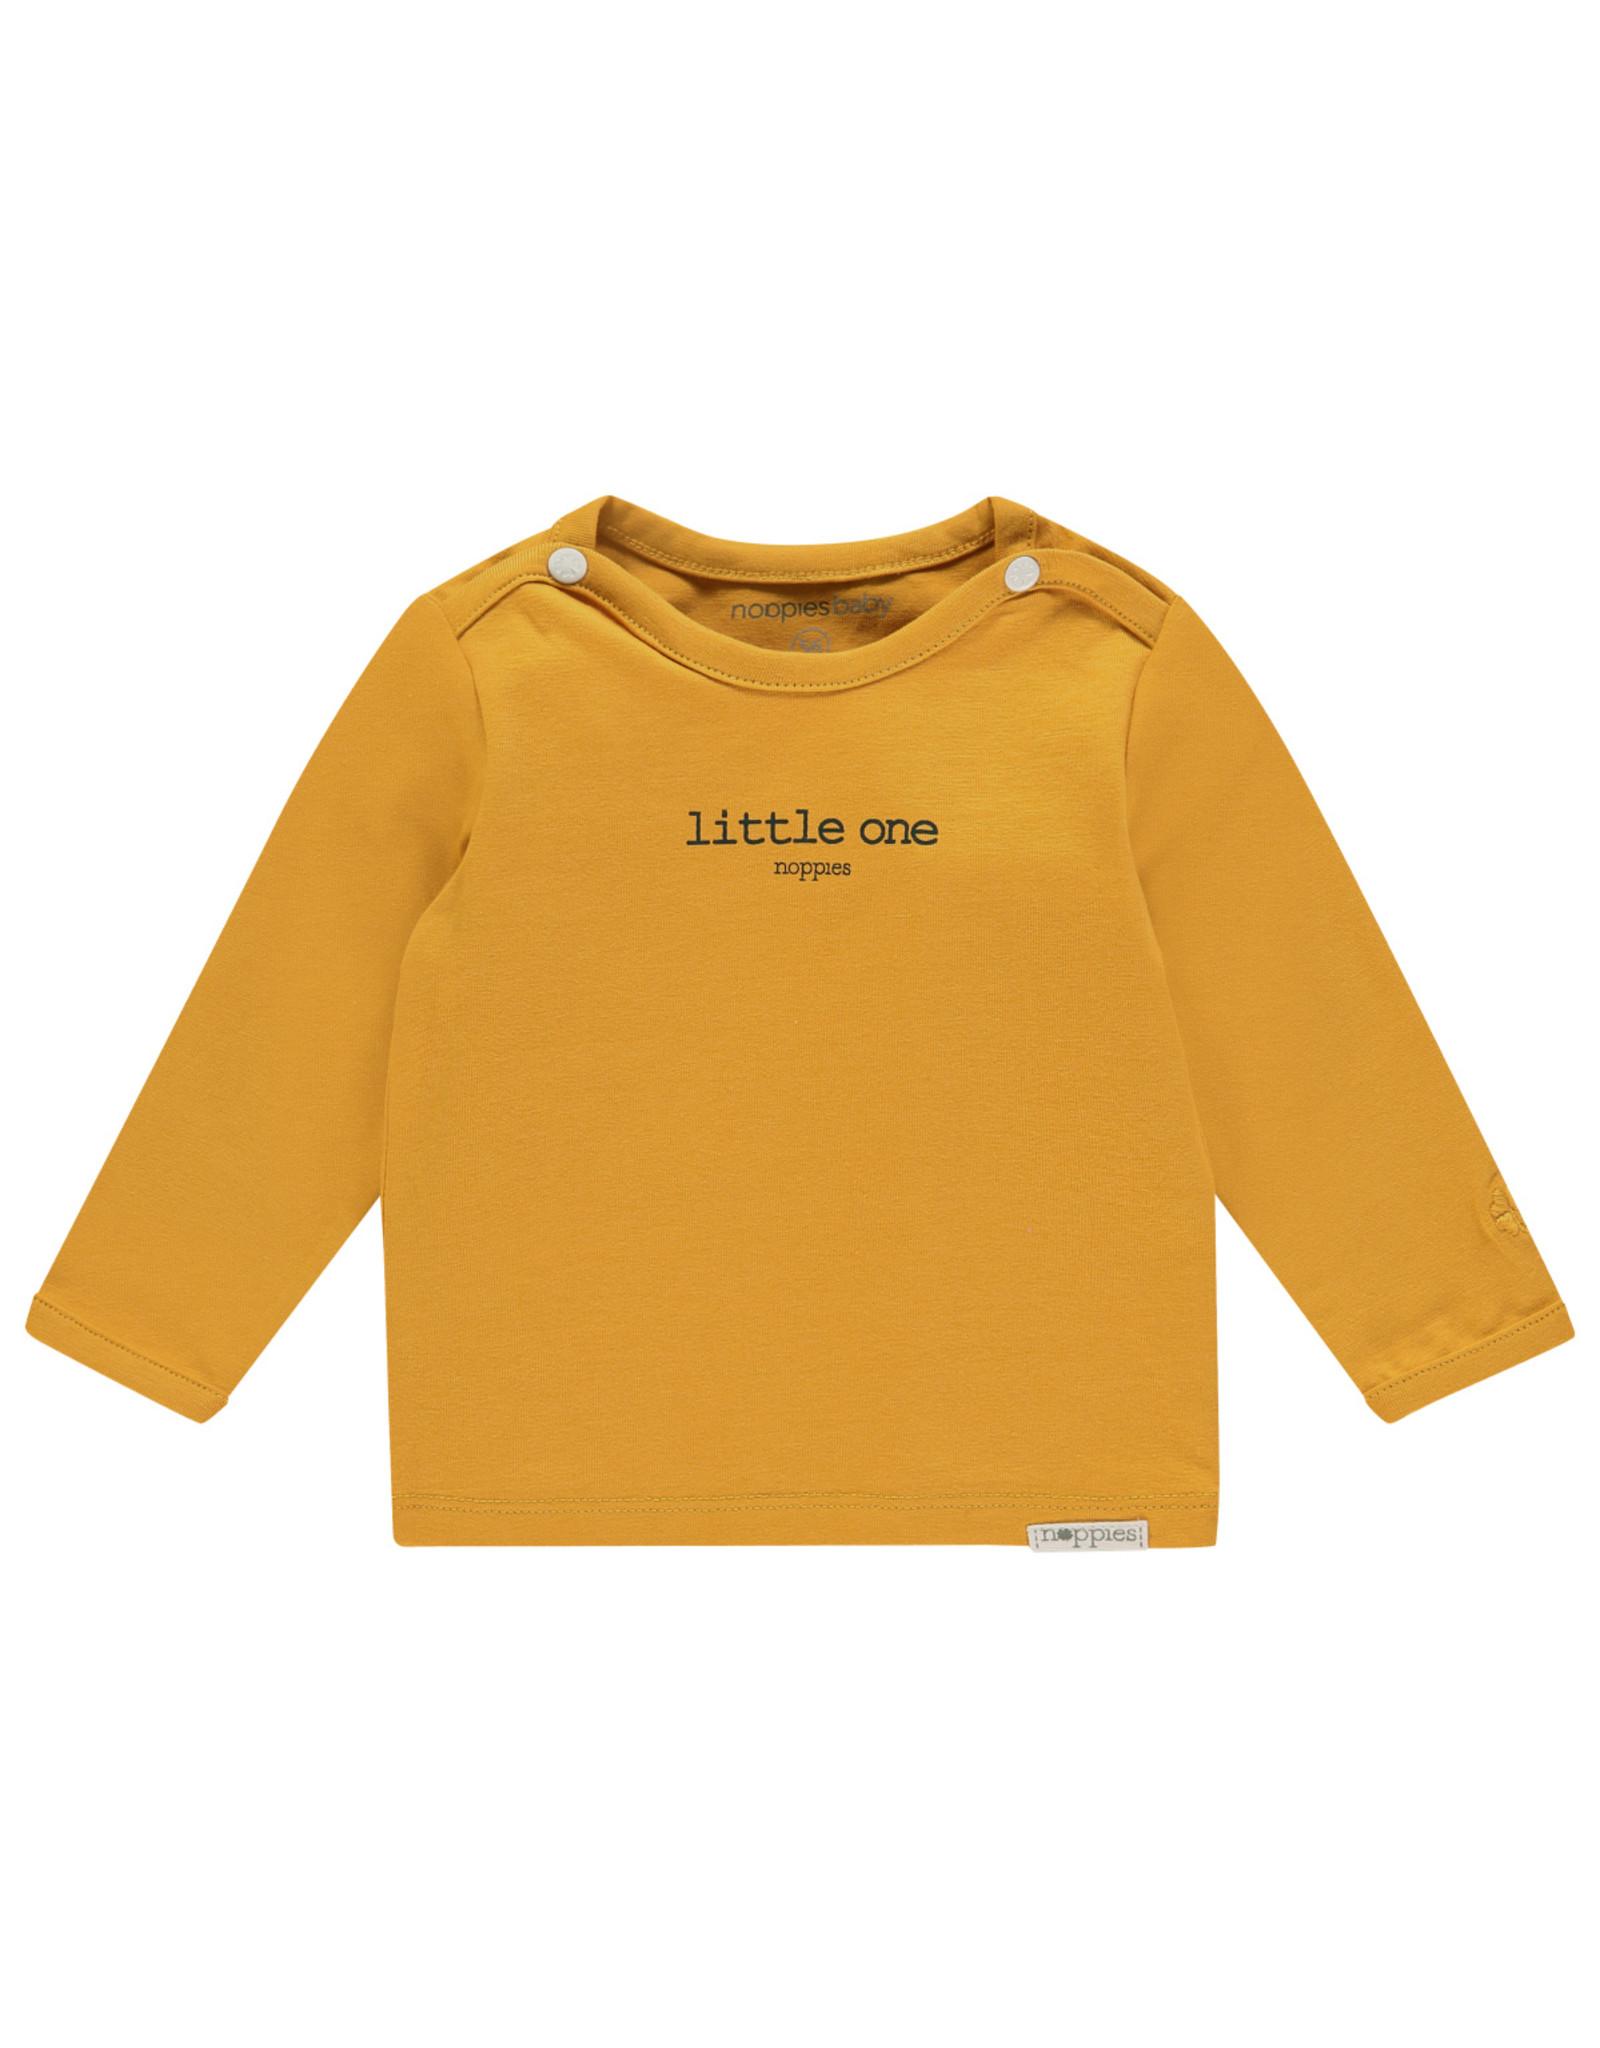 Noppies U Tee ls Hester text honey yellow